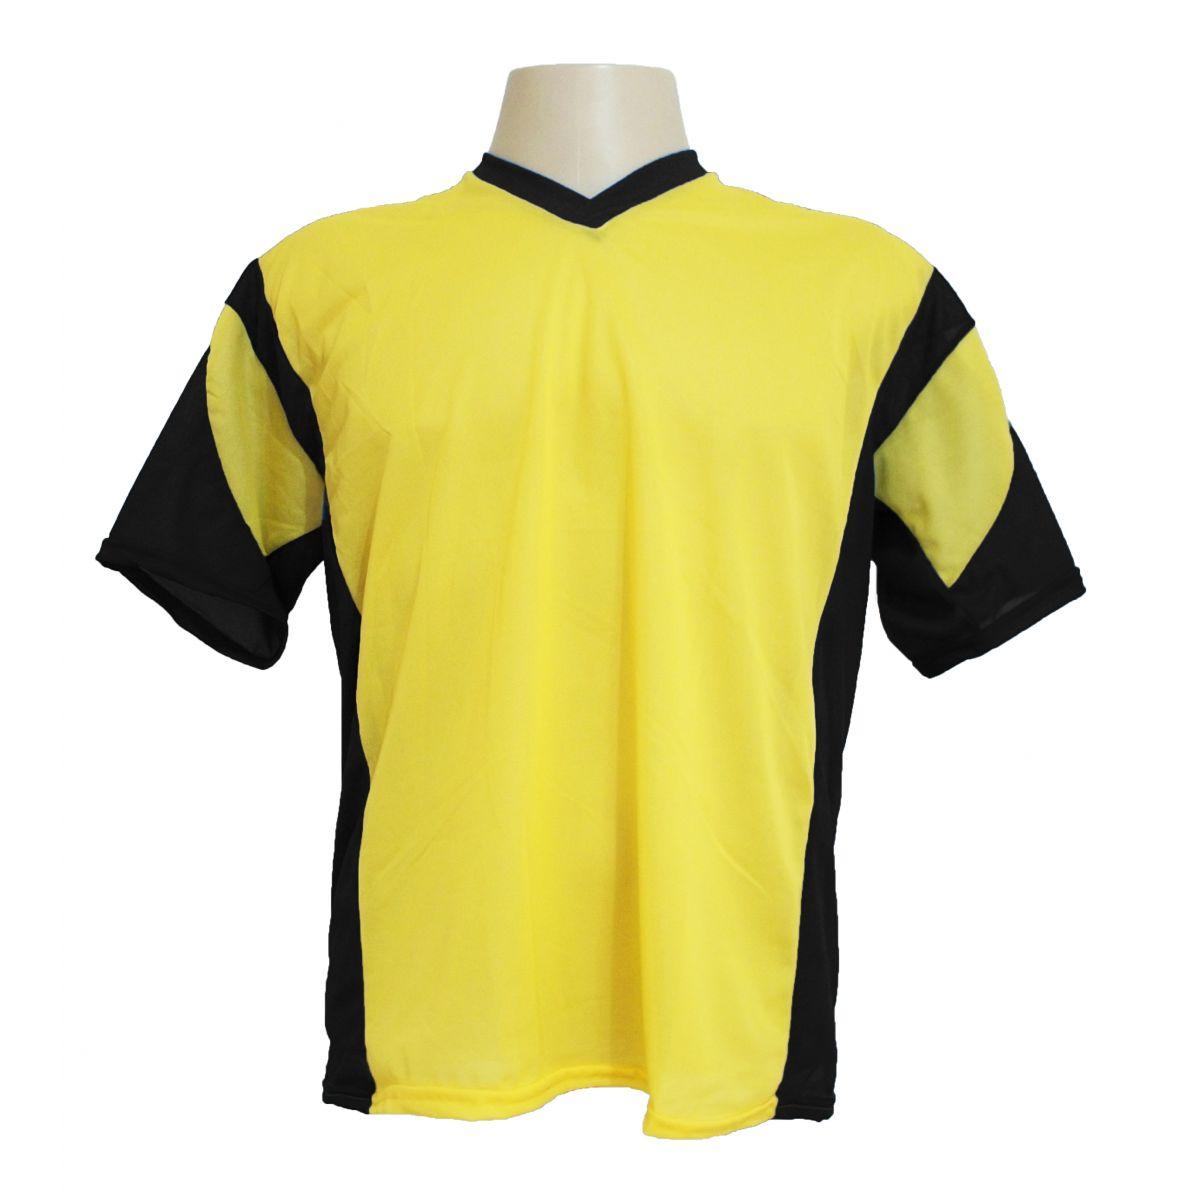 Jogo de Camisa Promocional Modelo Attack Amarelo/Preto com 12 Pe�as Numeradas - Frete Gr�tis Brasil